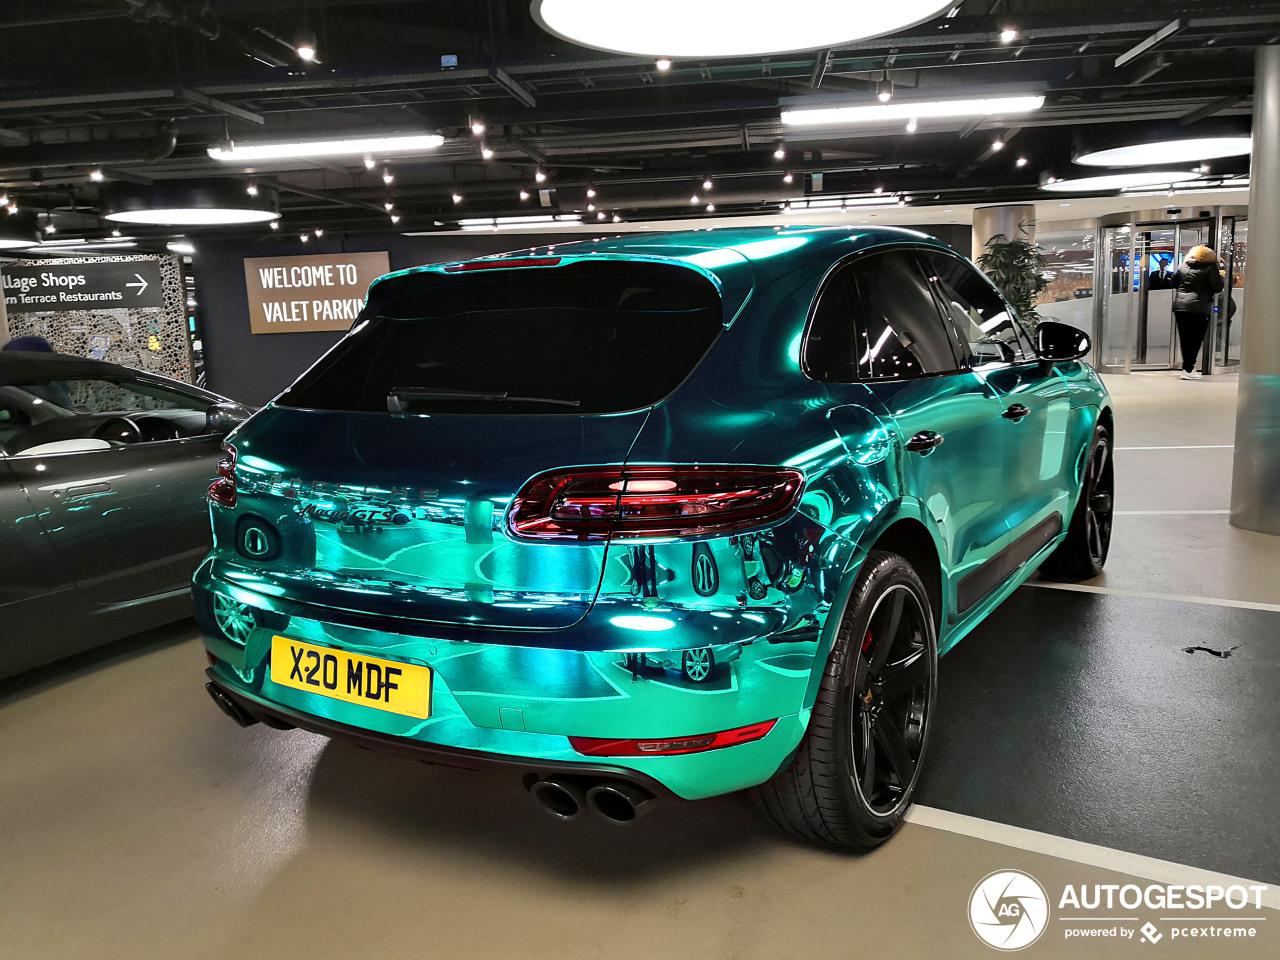 Alles behalve saai: chromen Porsche Macan GTS